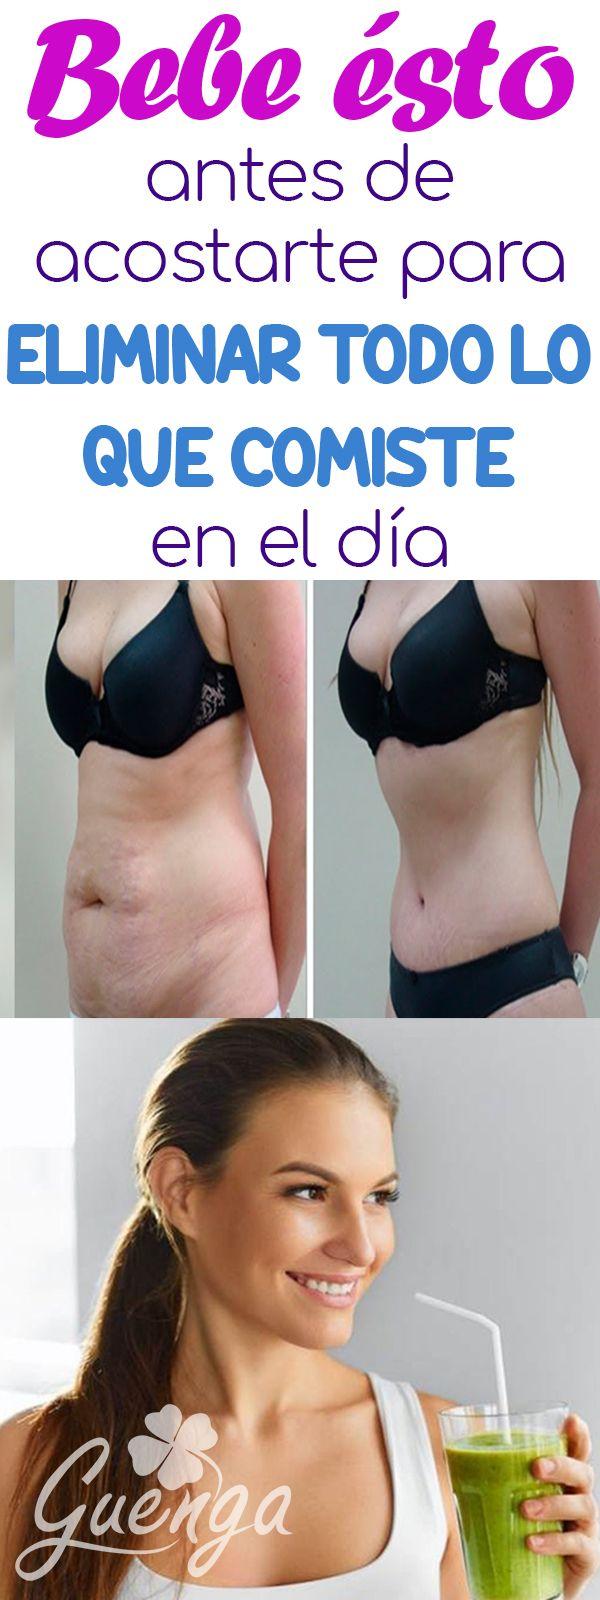 Como Eliminar Todo Lo Que Comiste En El Dia Y Adelgazar Body Skin Condition And Treatment Health Fitness Health